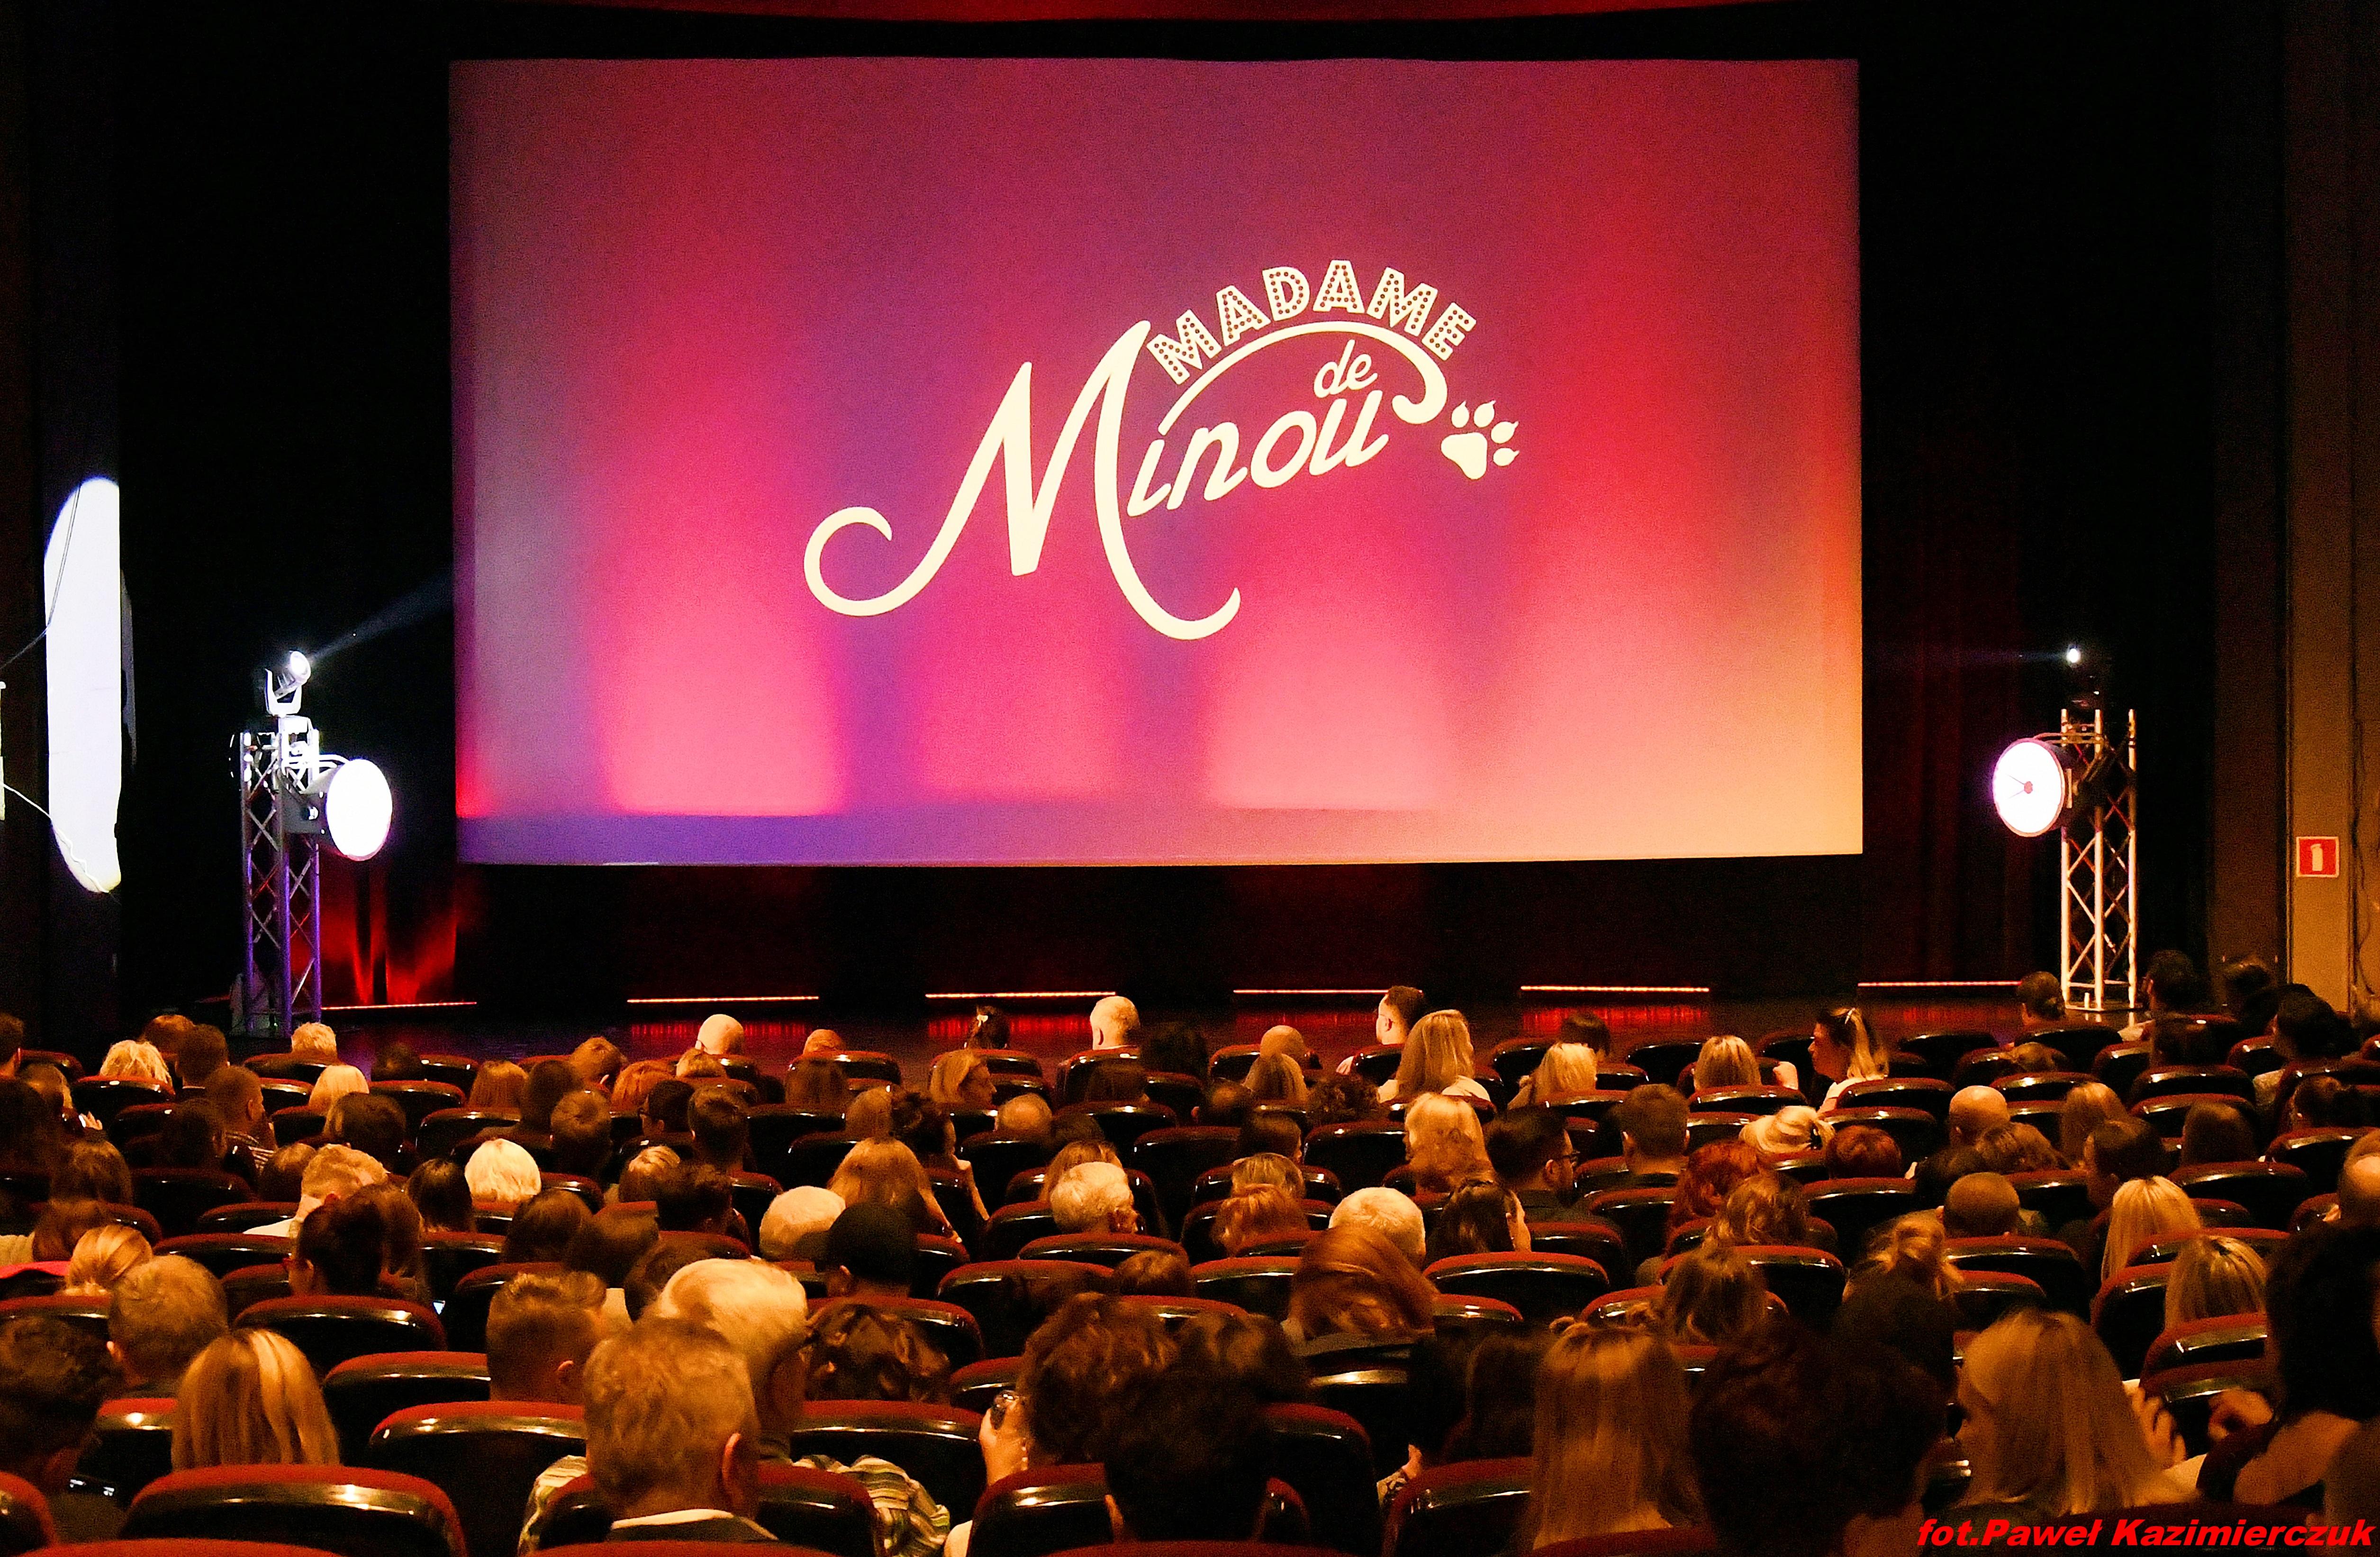 burleska kino luna madame de minou